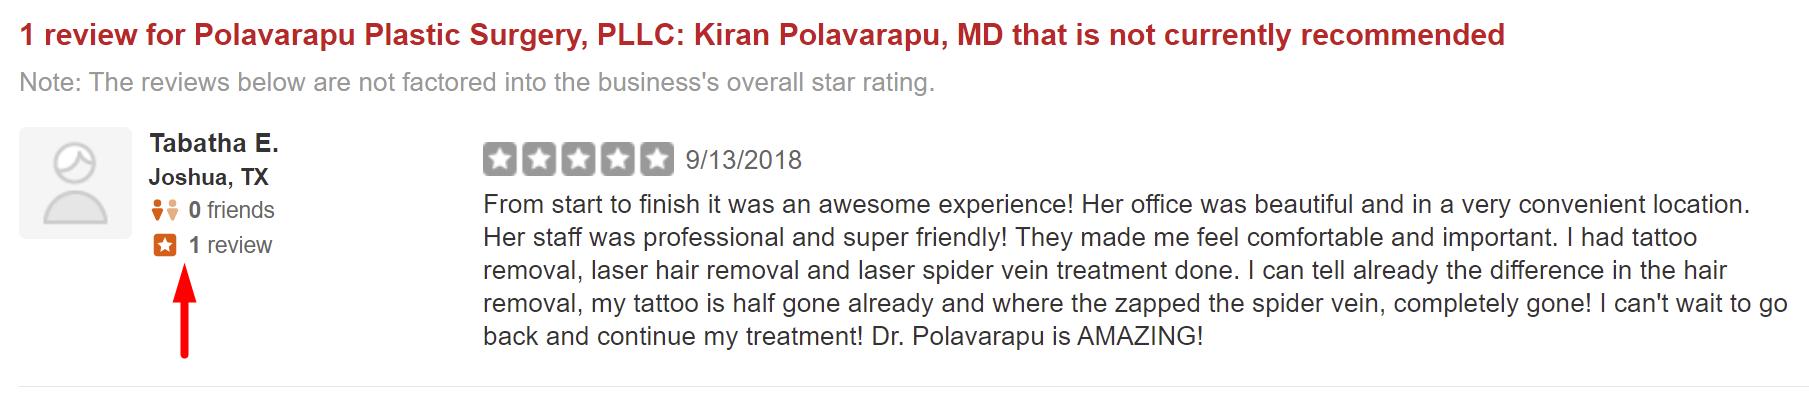 Kiran Polavarapu review